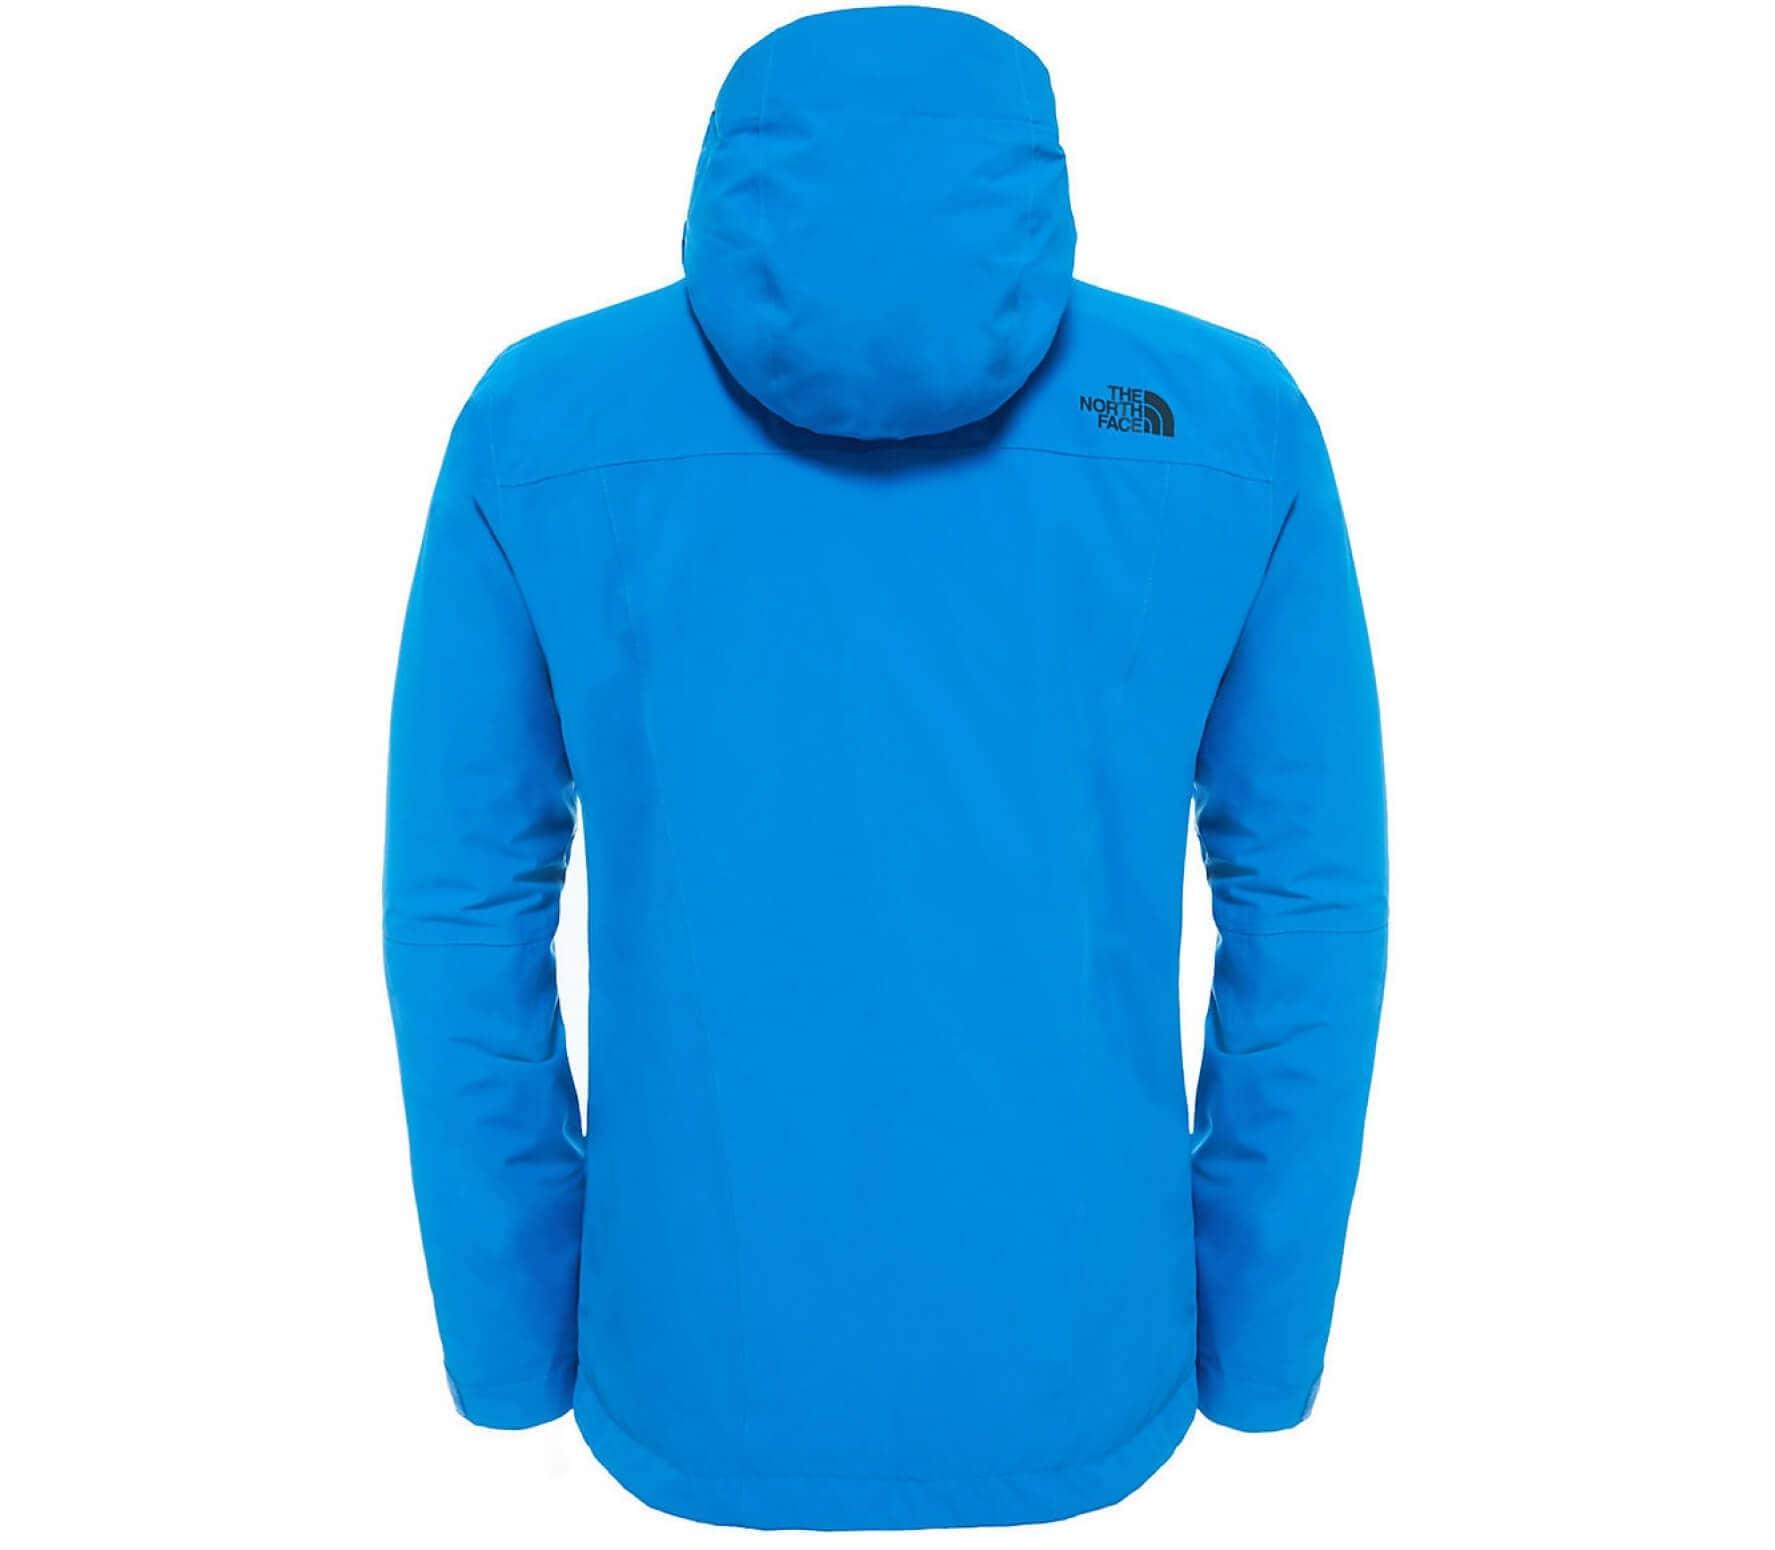 4a2860167f3d1 The North Face - Descendit veste de ski pour hommes (bleu) acheter ...